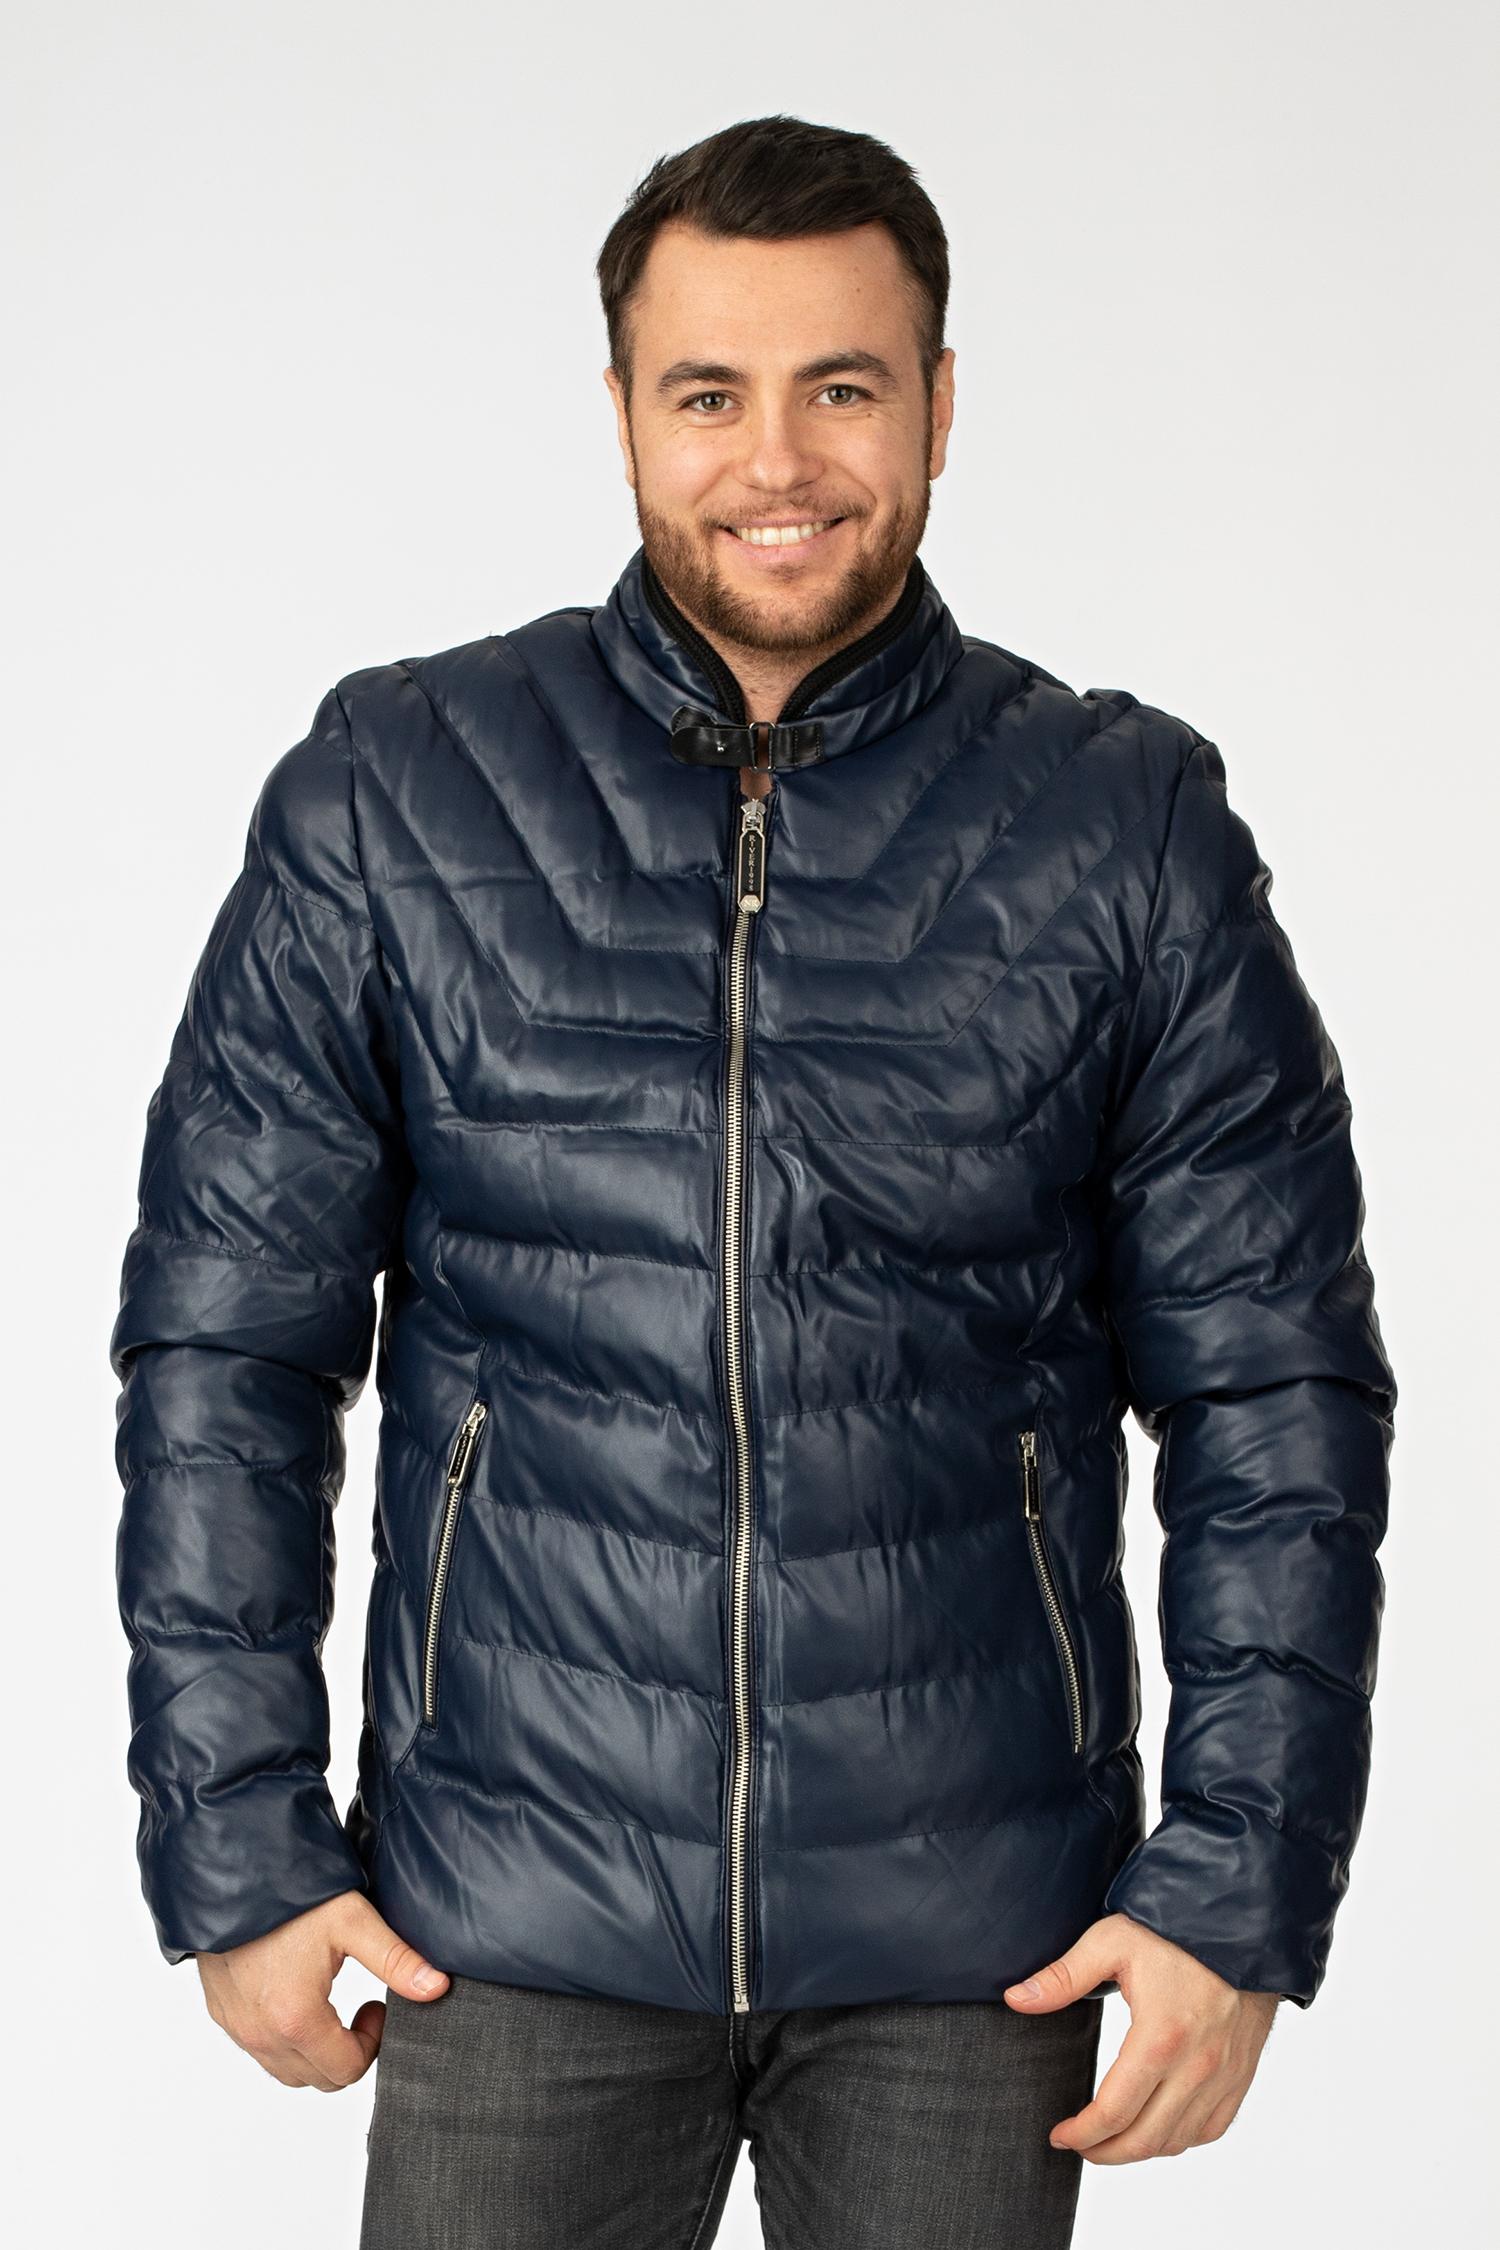 Мужская кожаная куртка из эко-кожи с воротником, без отделки МОСМЕХА